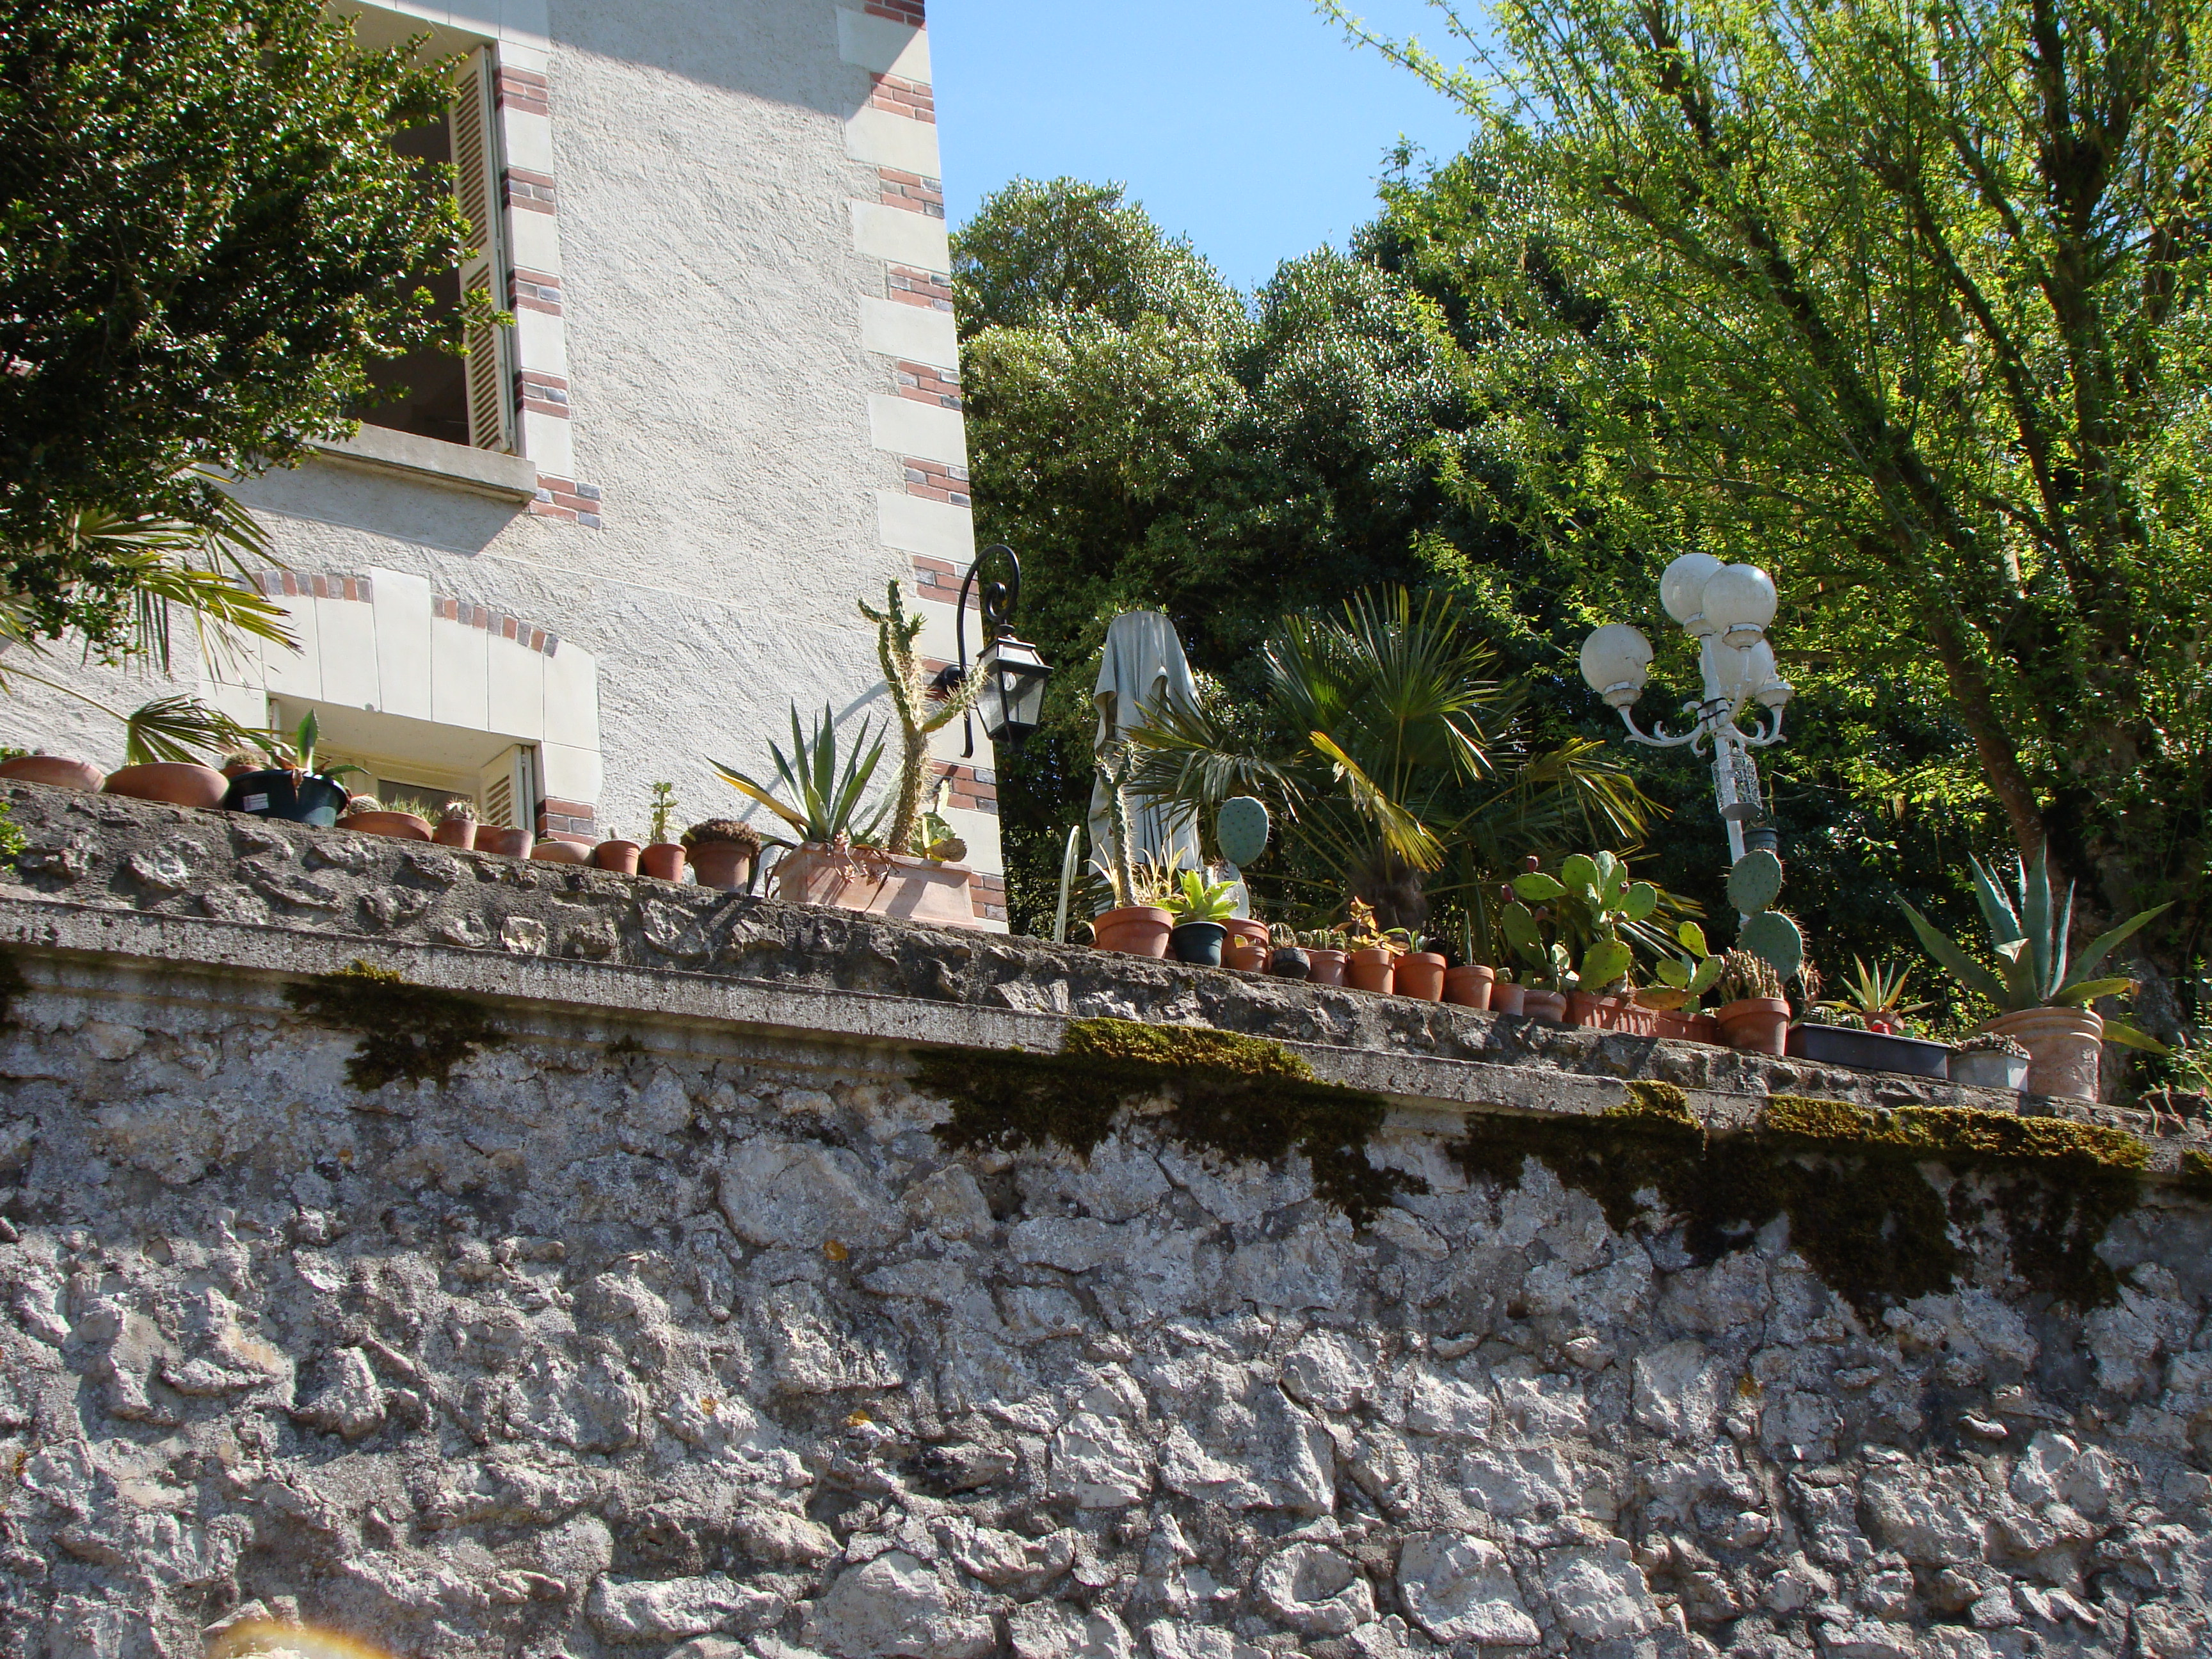 maison aux cactus